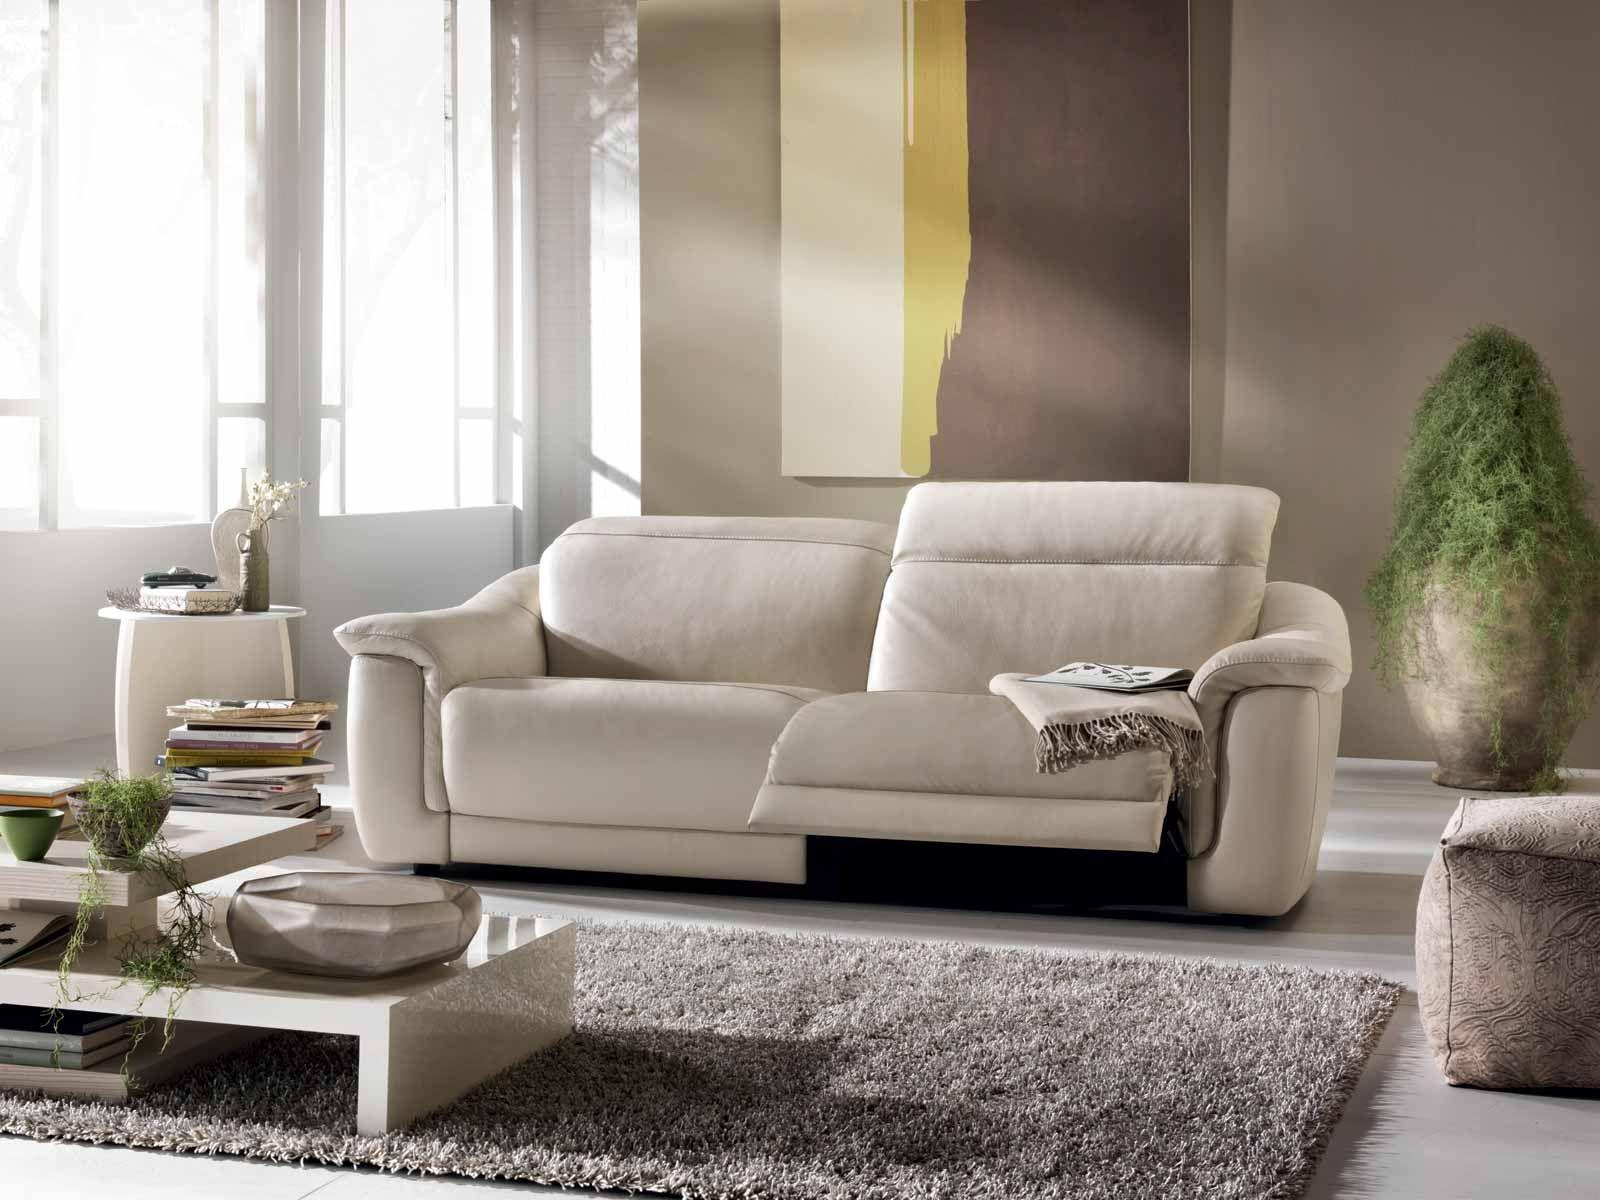 Divani Con Meccanismo Relax divani by natuzzi divano #volare, con meccanismo #relax